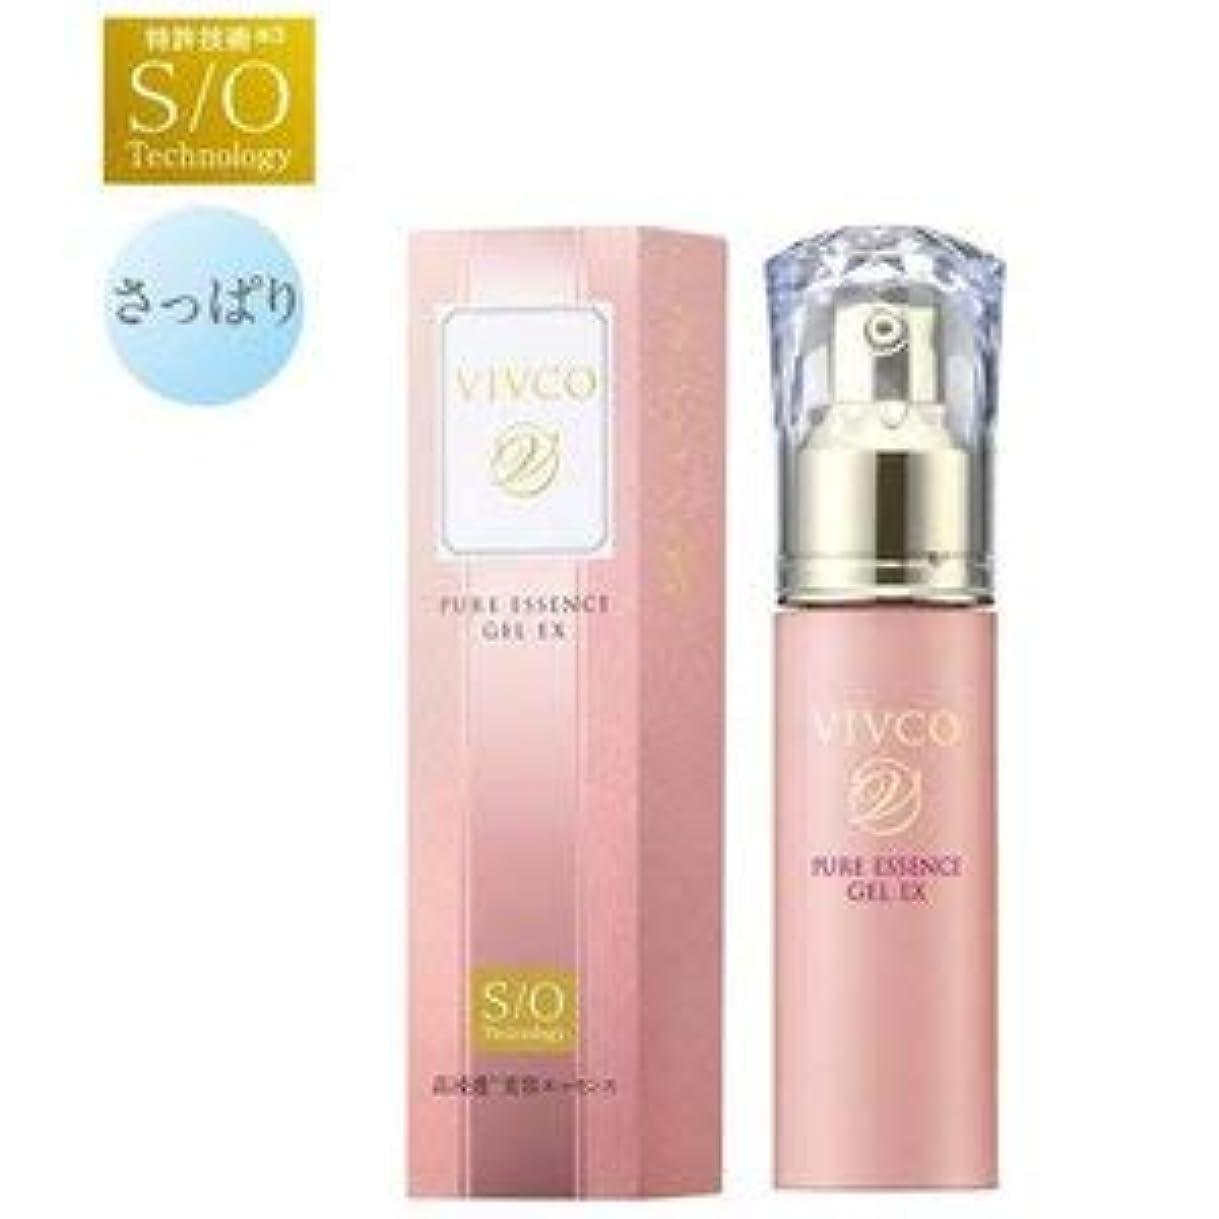 葉巻アクションソーセージVIVCO(ヴィヴコ) ピュアエッセンスジェル EX 30g